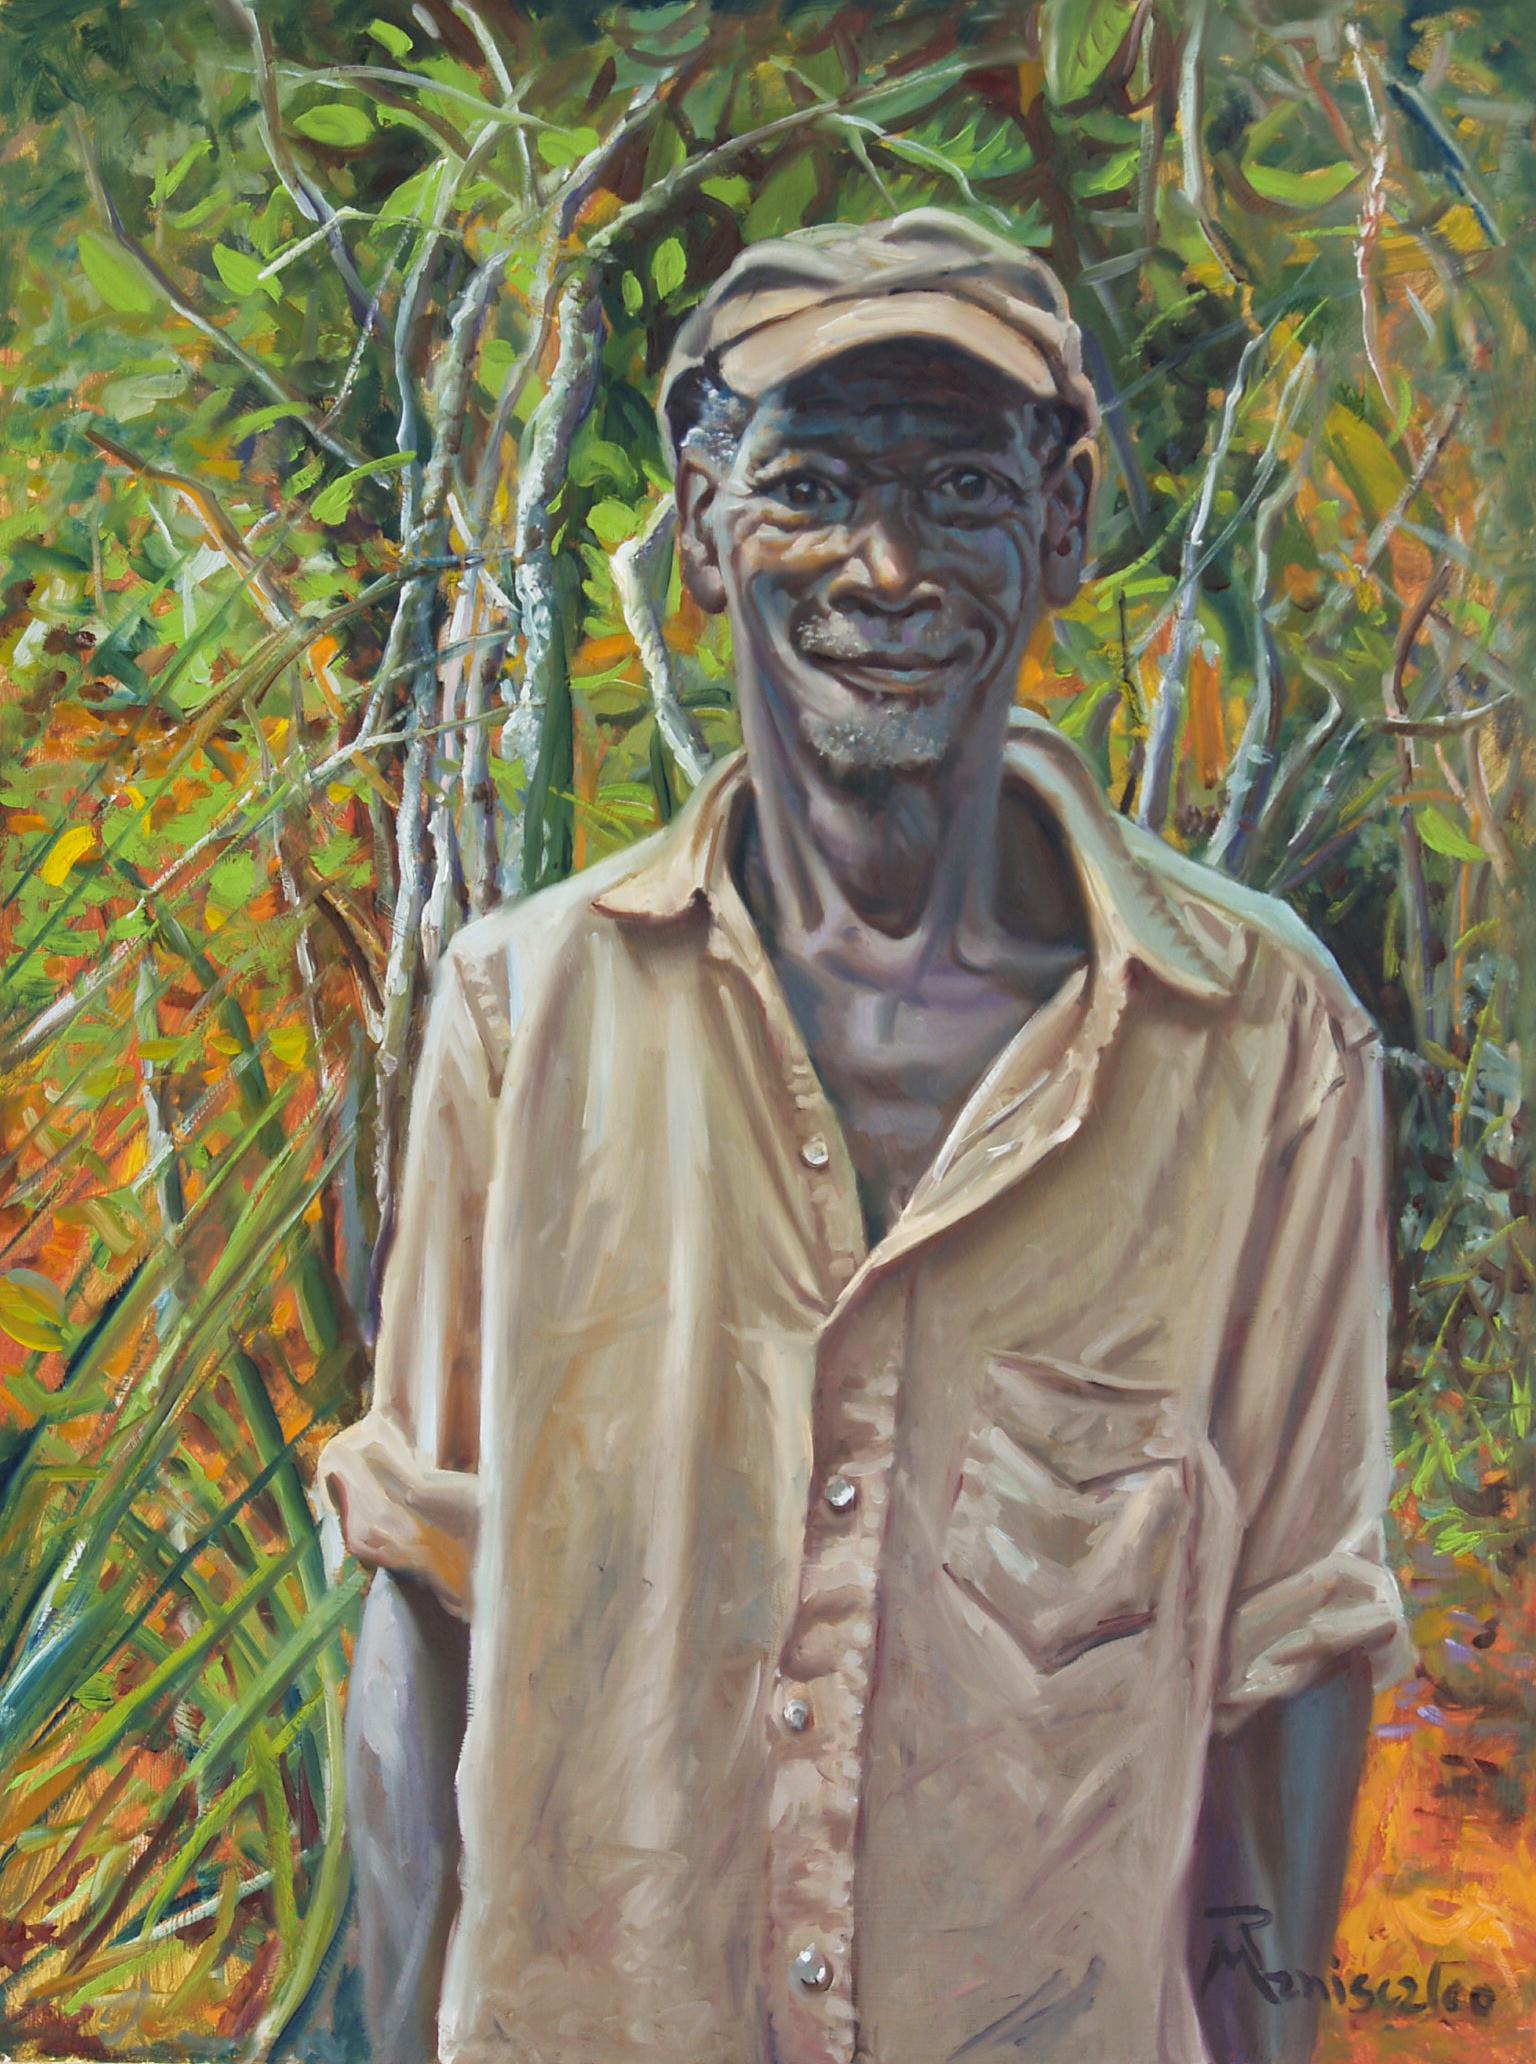 Merite, The Farmer Haiti